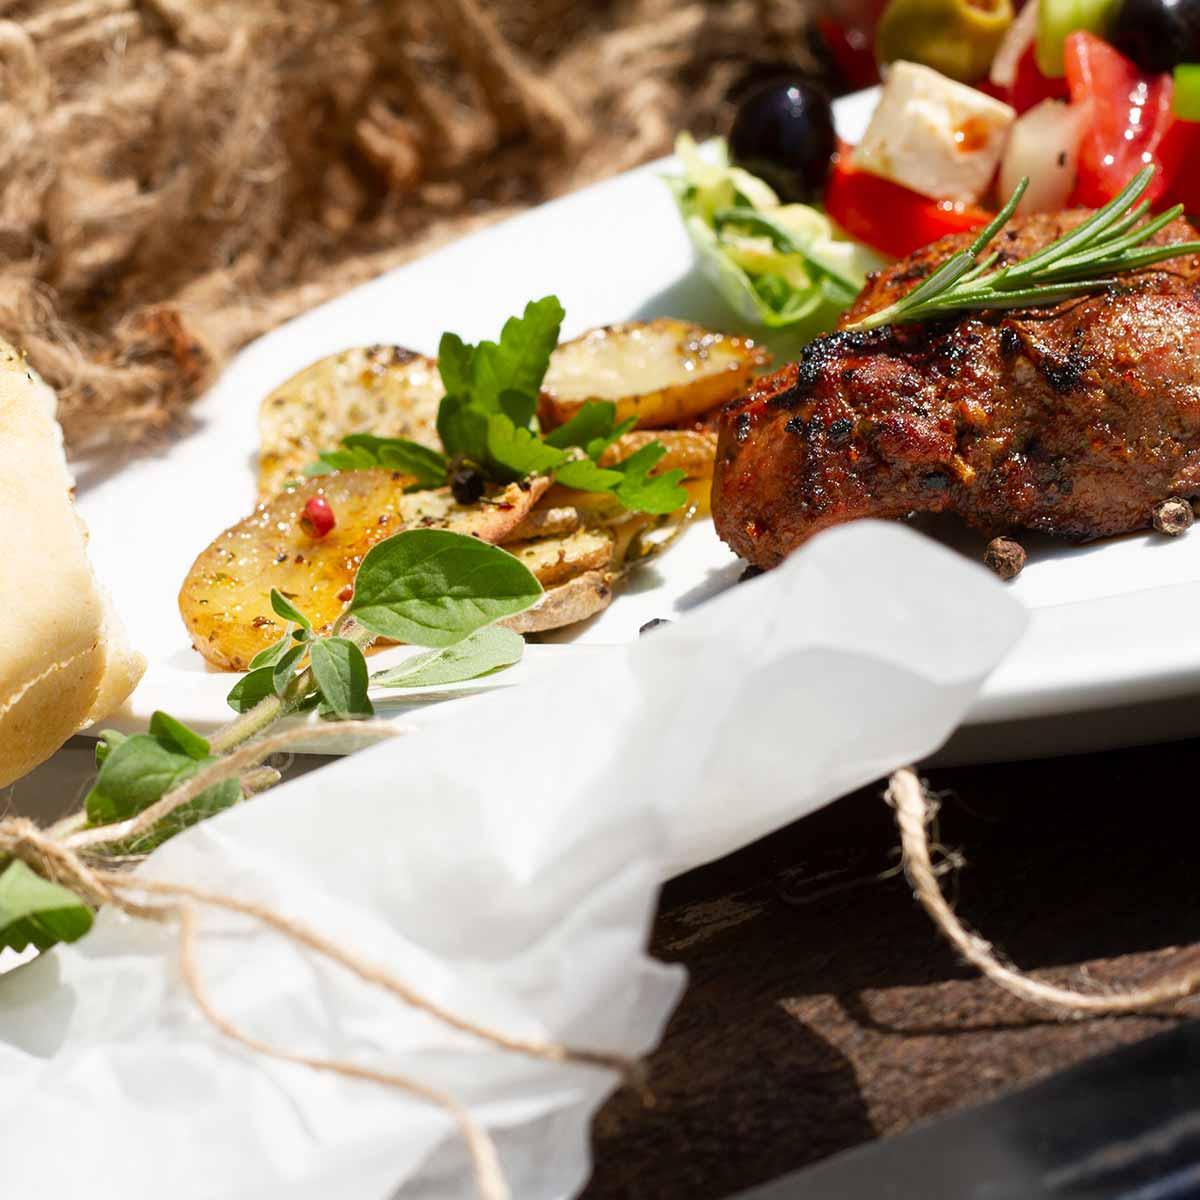 Gegrilltes Fleisch mit Kartoffeln und Salat auf Teller serviert